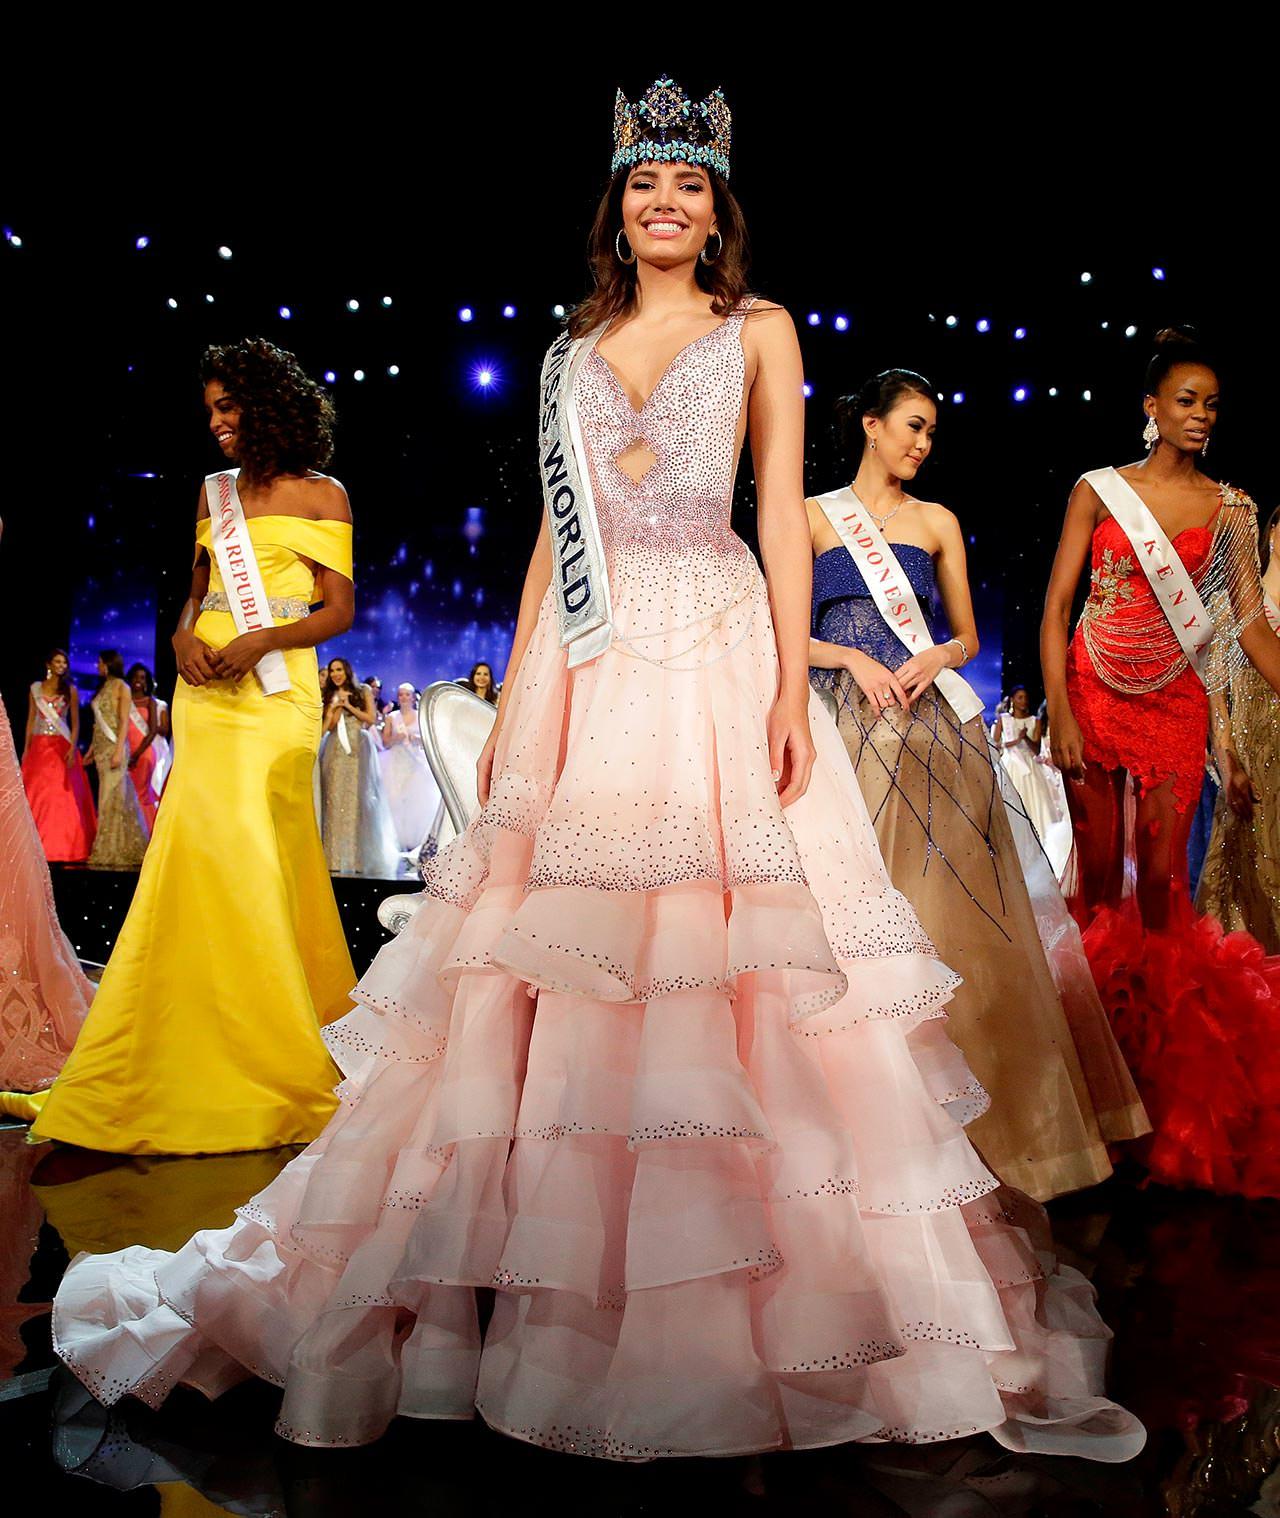 Фото | Мисс Мира 2016 года Стефани Дел Валье